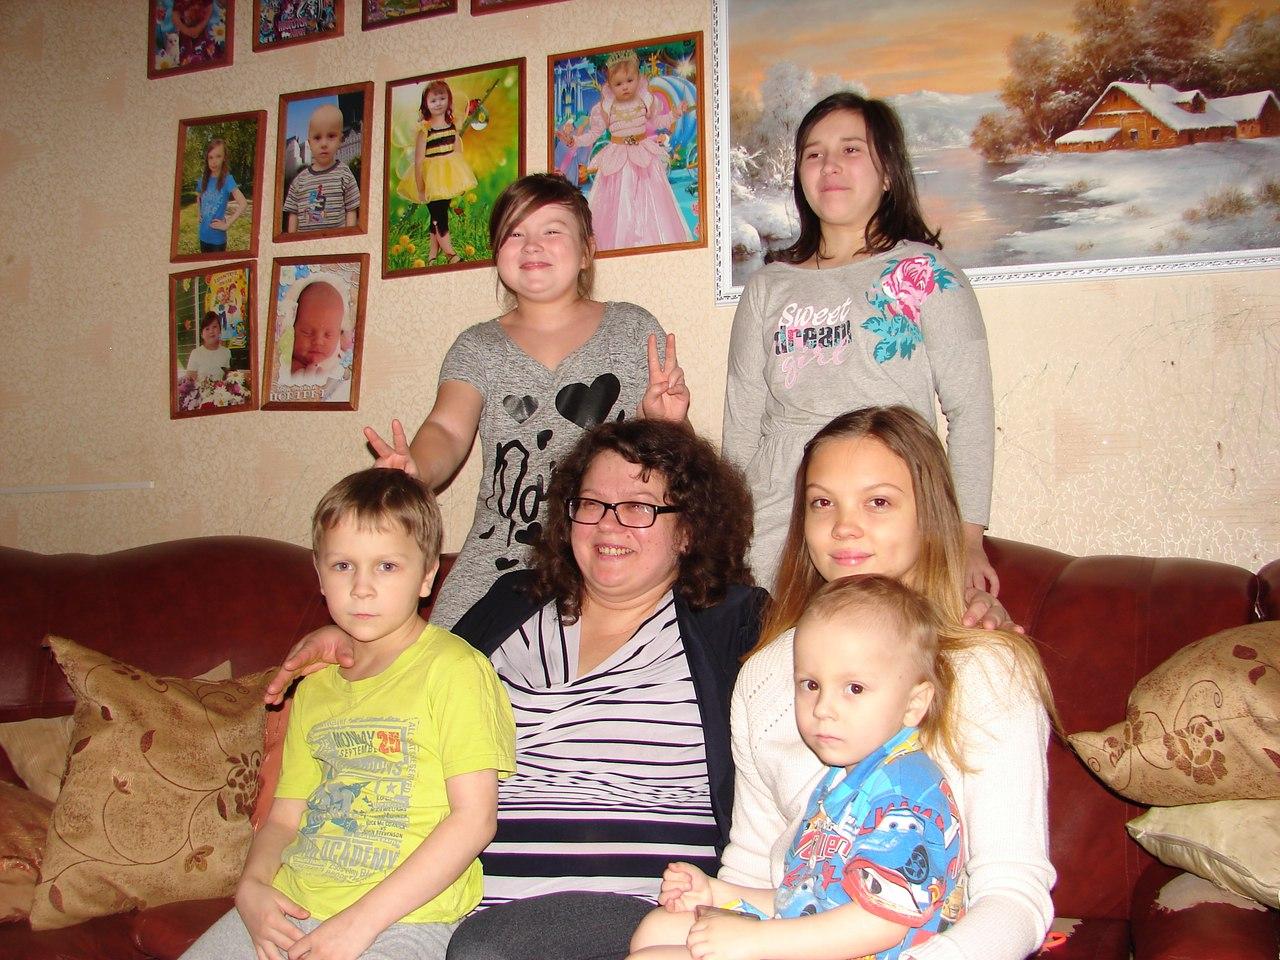 Многодетная мама из Чепецка: «Все обязанности мы делим поровну»